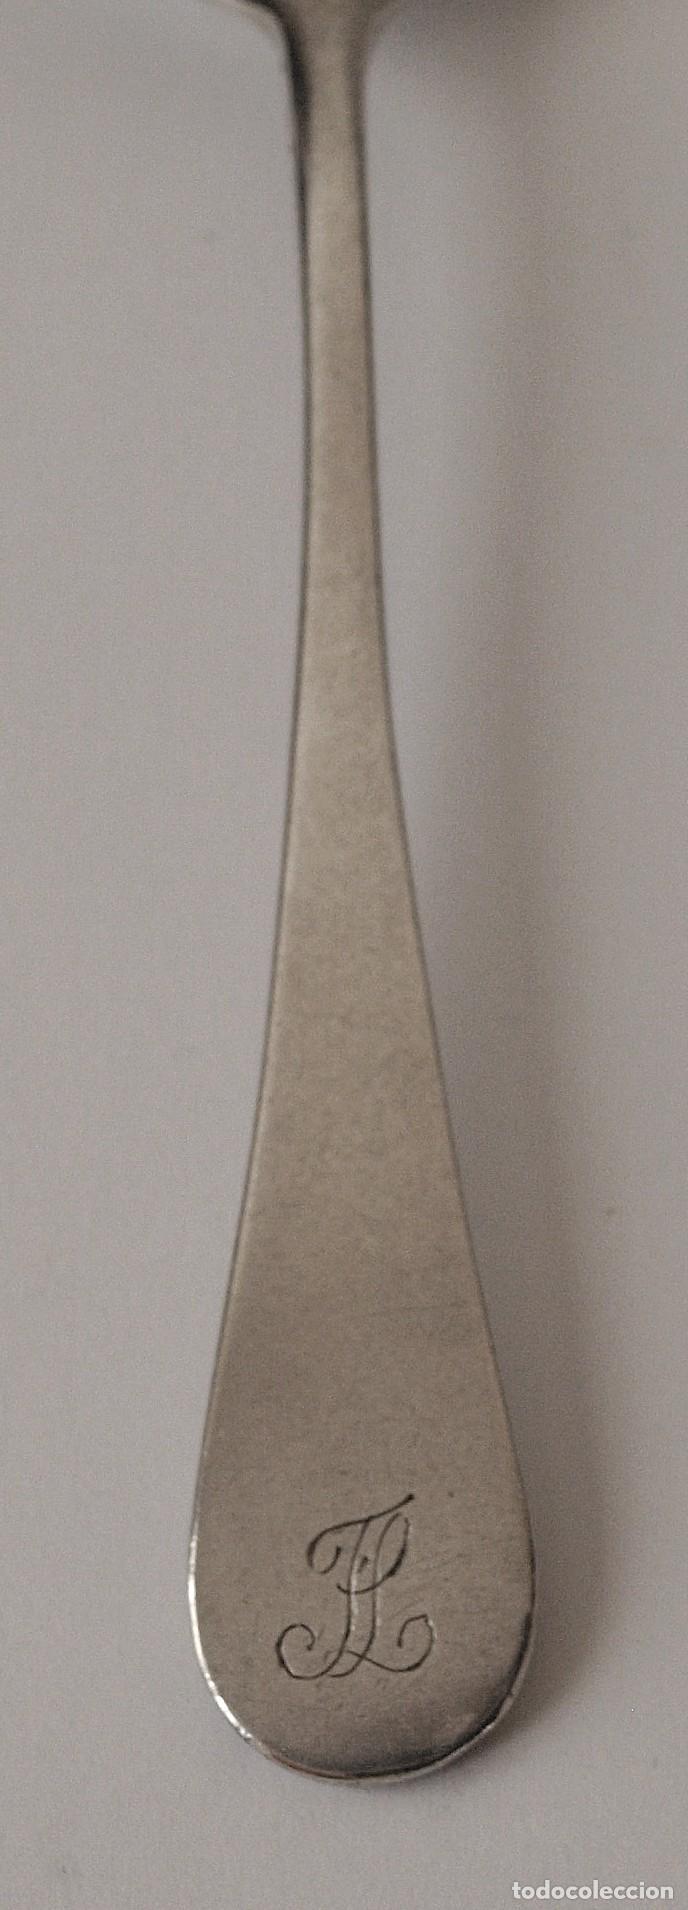 Antigüedades: CUCHARA DE PLATA DE LEY CONTRASTADA. S XIX. 71 GRAMOS. 18,7 CM LARGO. VER FOTOS Y DESCRIPCION - Foto 3 - 146505882